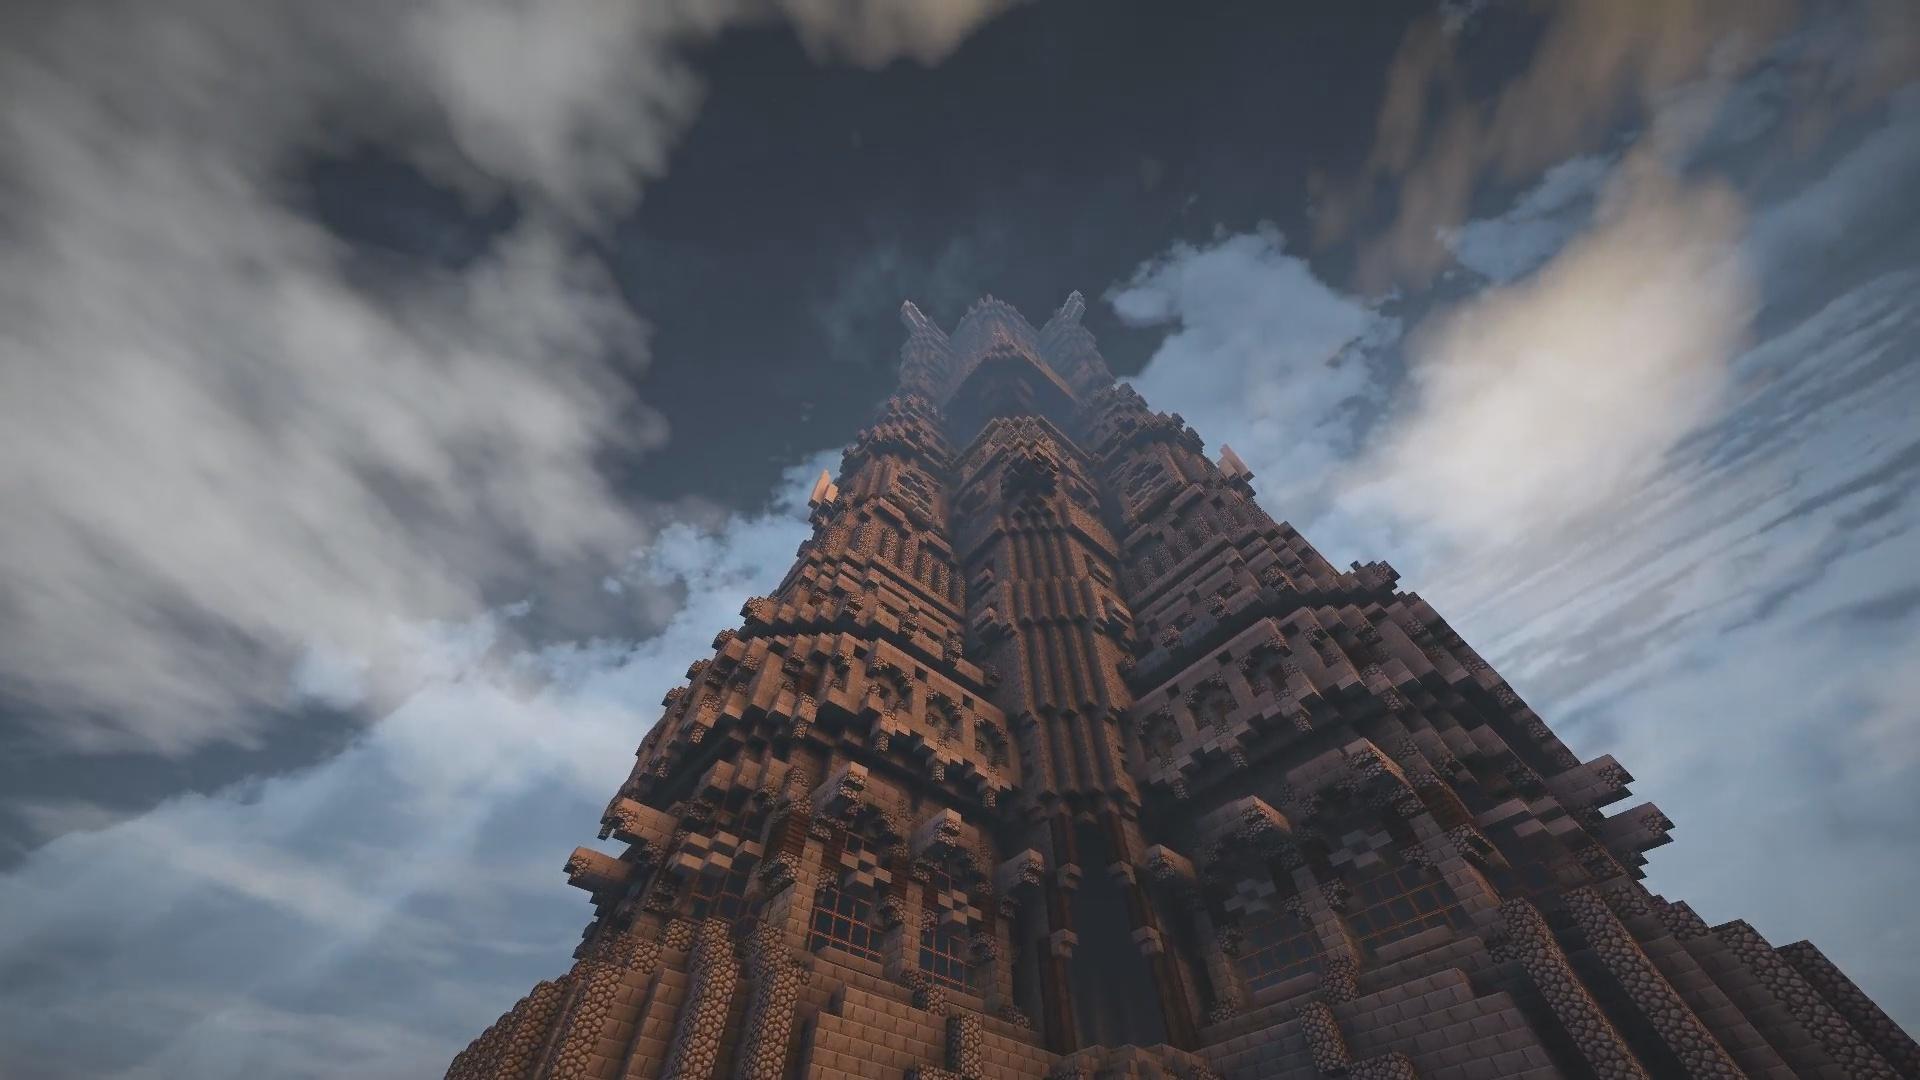 C'est la tour dans le seigneur des anneaux ça !